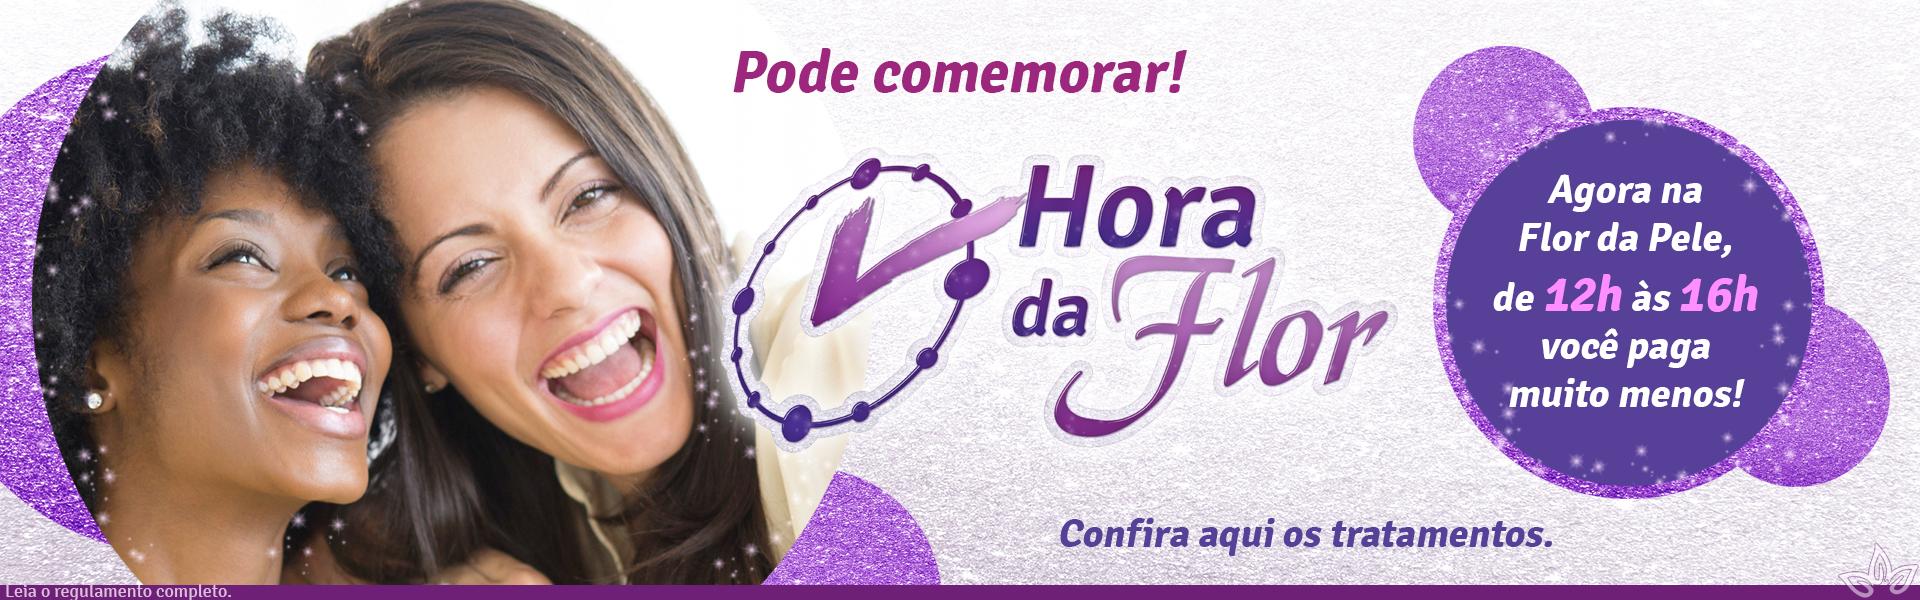 Promoção Hora da Flor - Horário promocional de 12h às 16h.